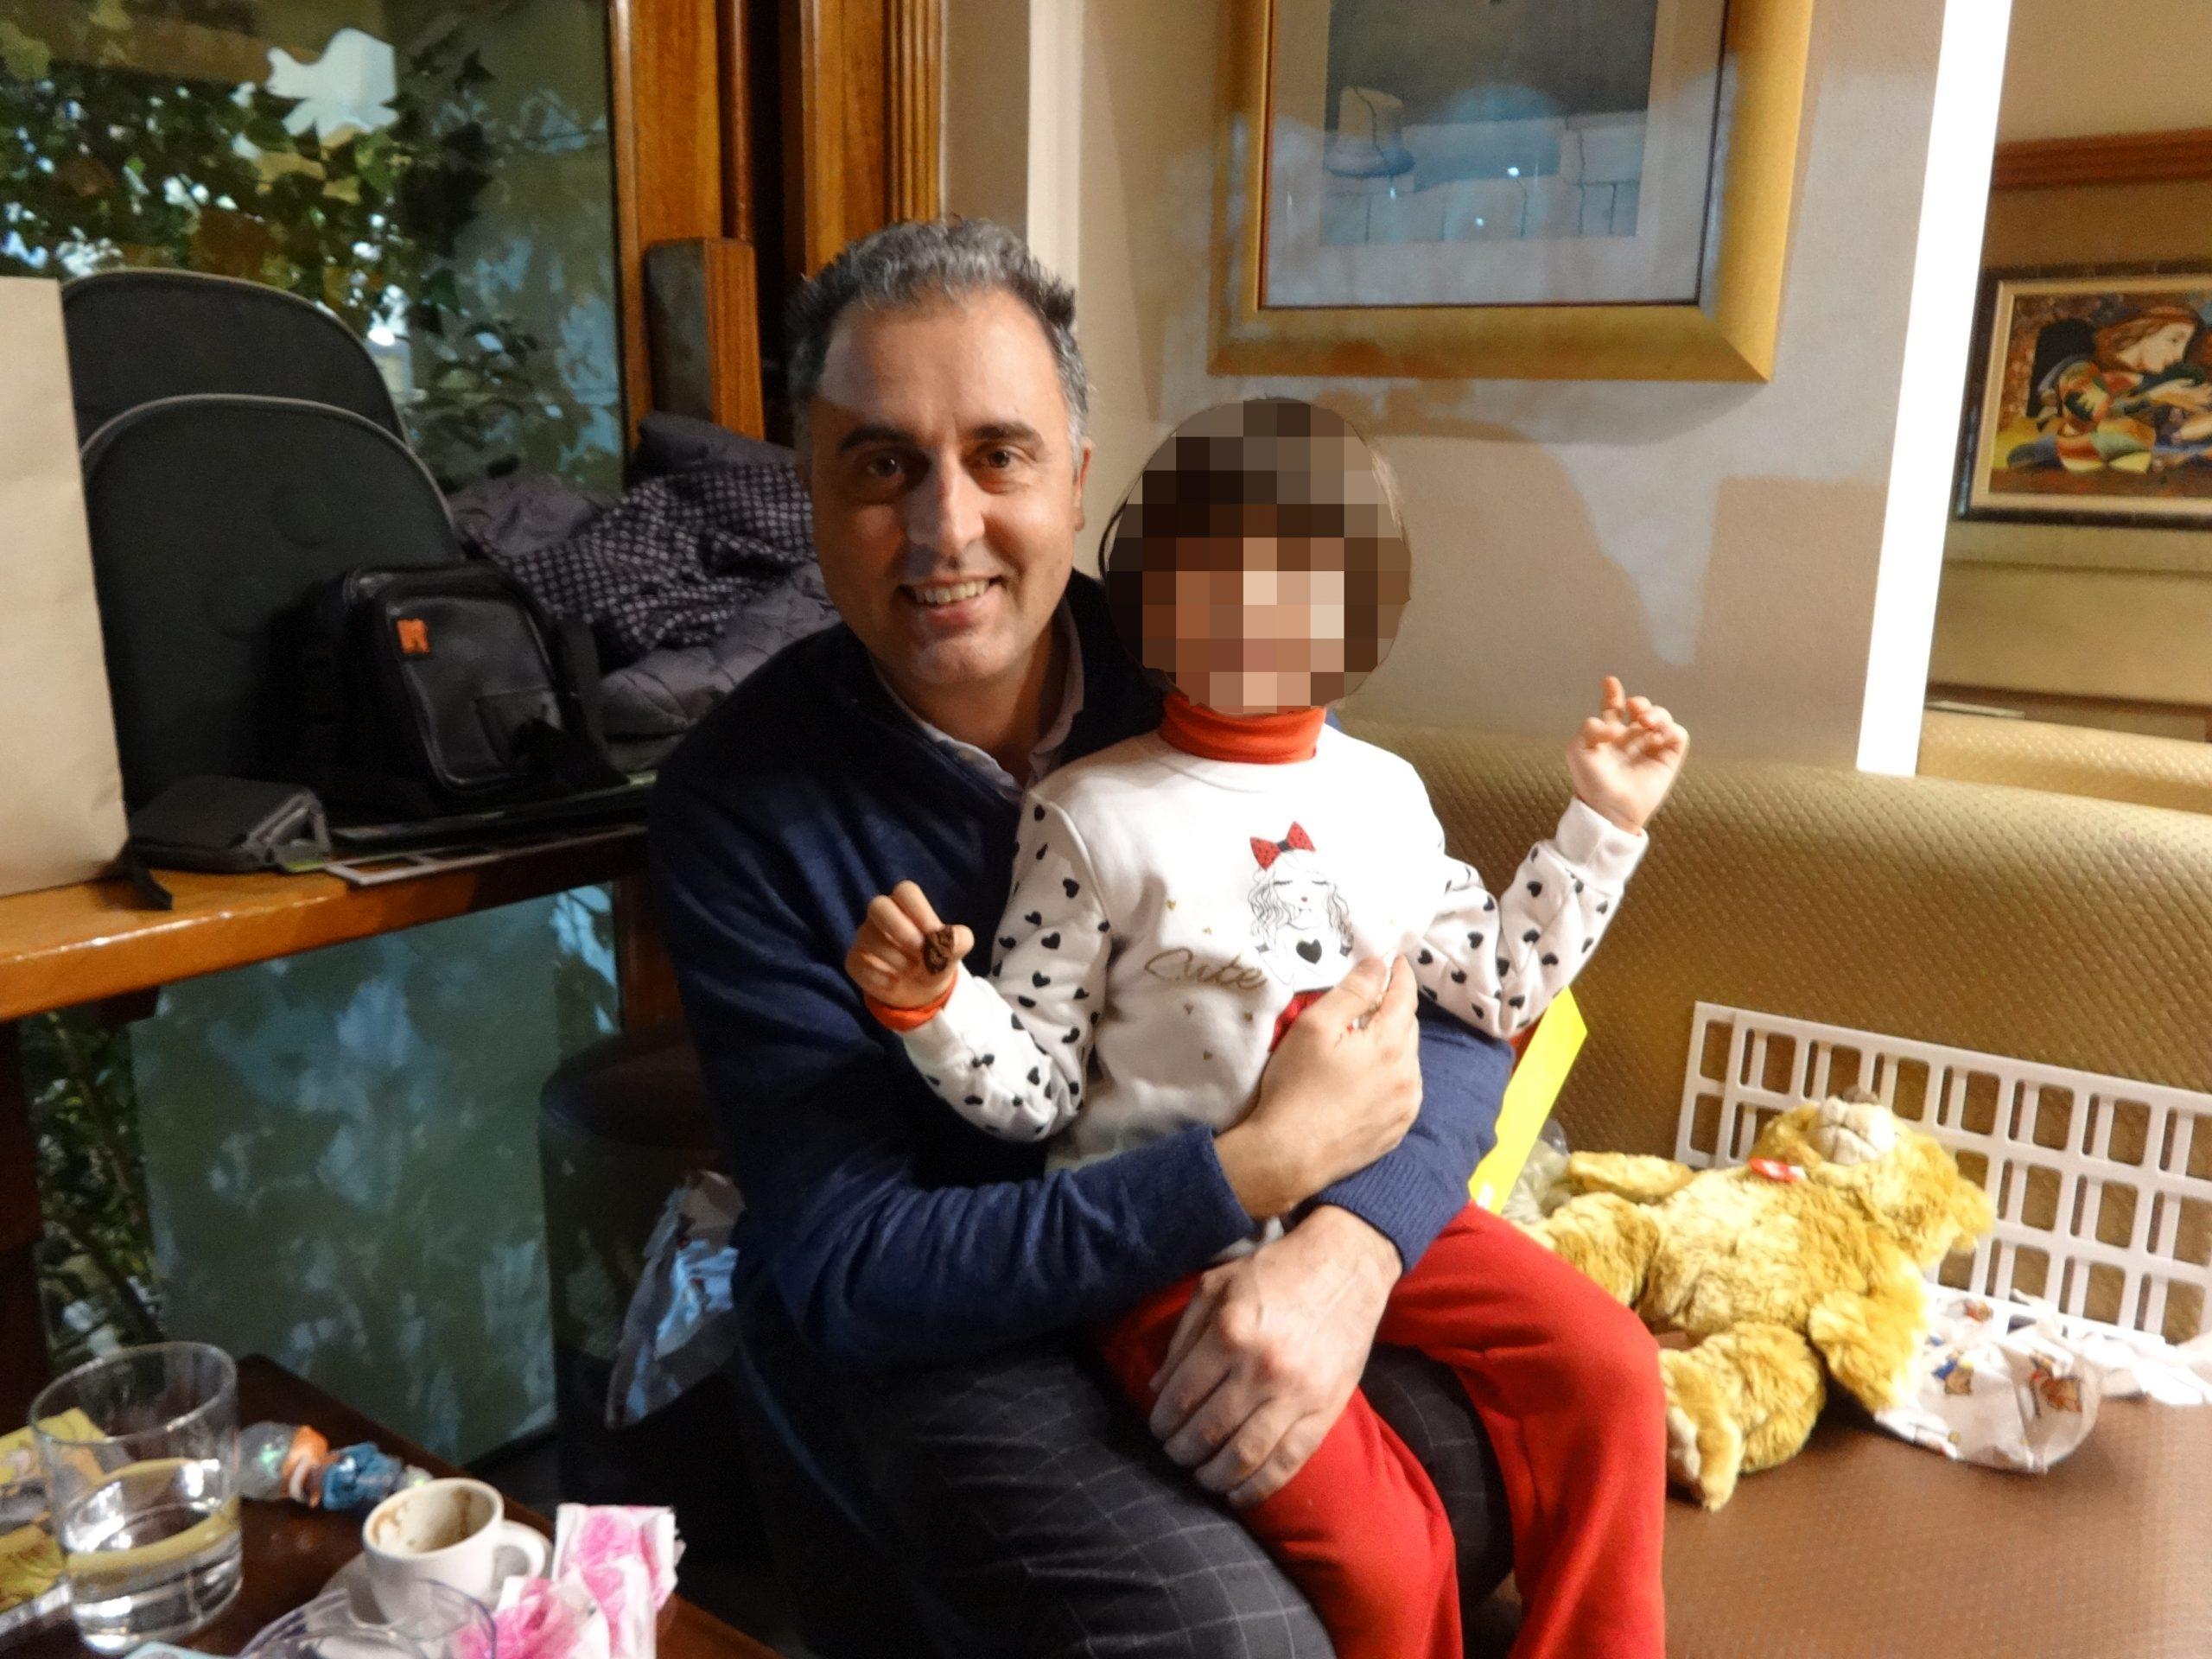 Come sottrarre un minore al padre in piena sicurezza? Basta partorire all'estero.